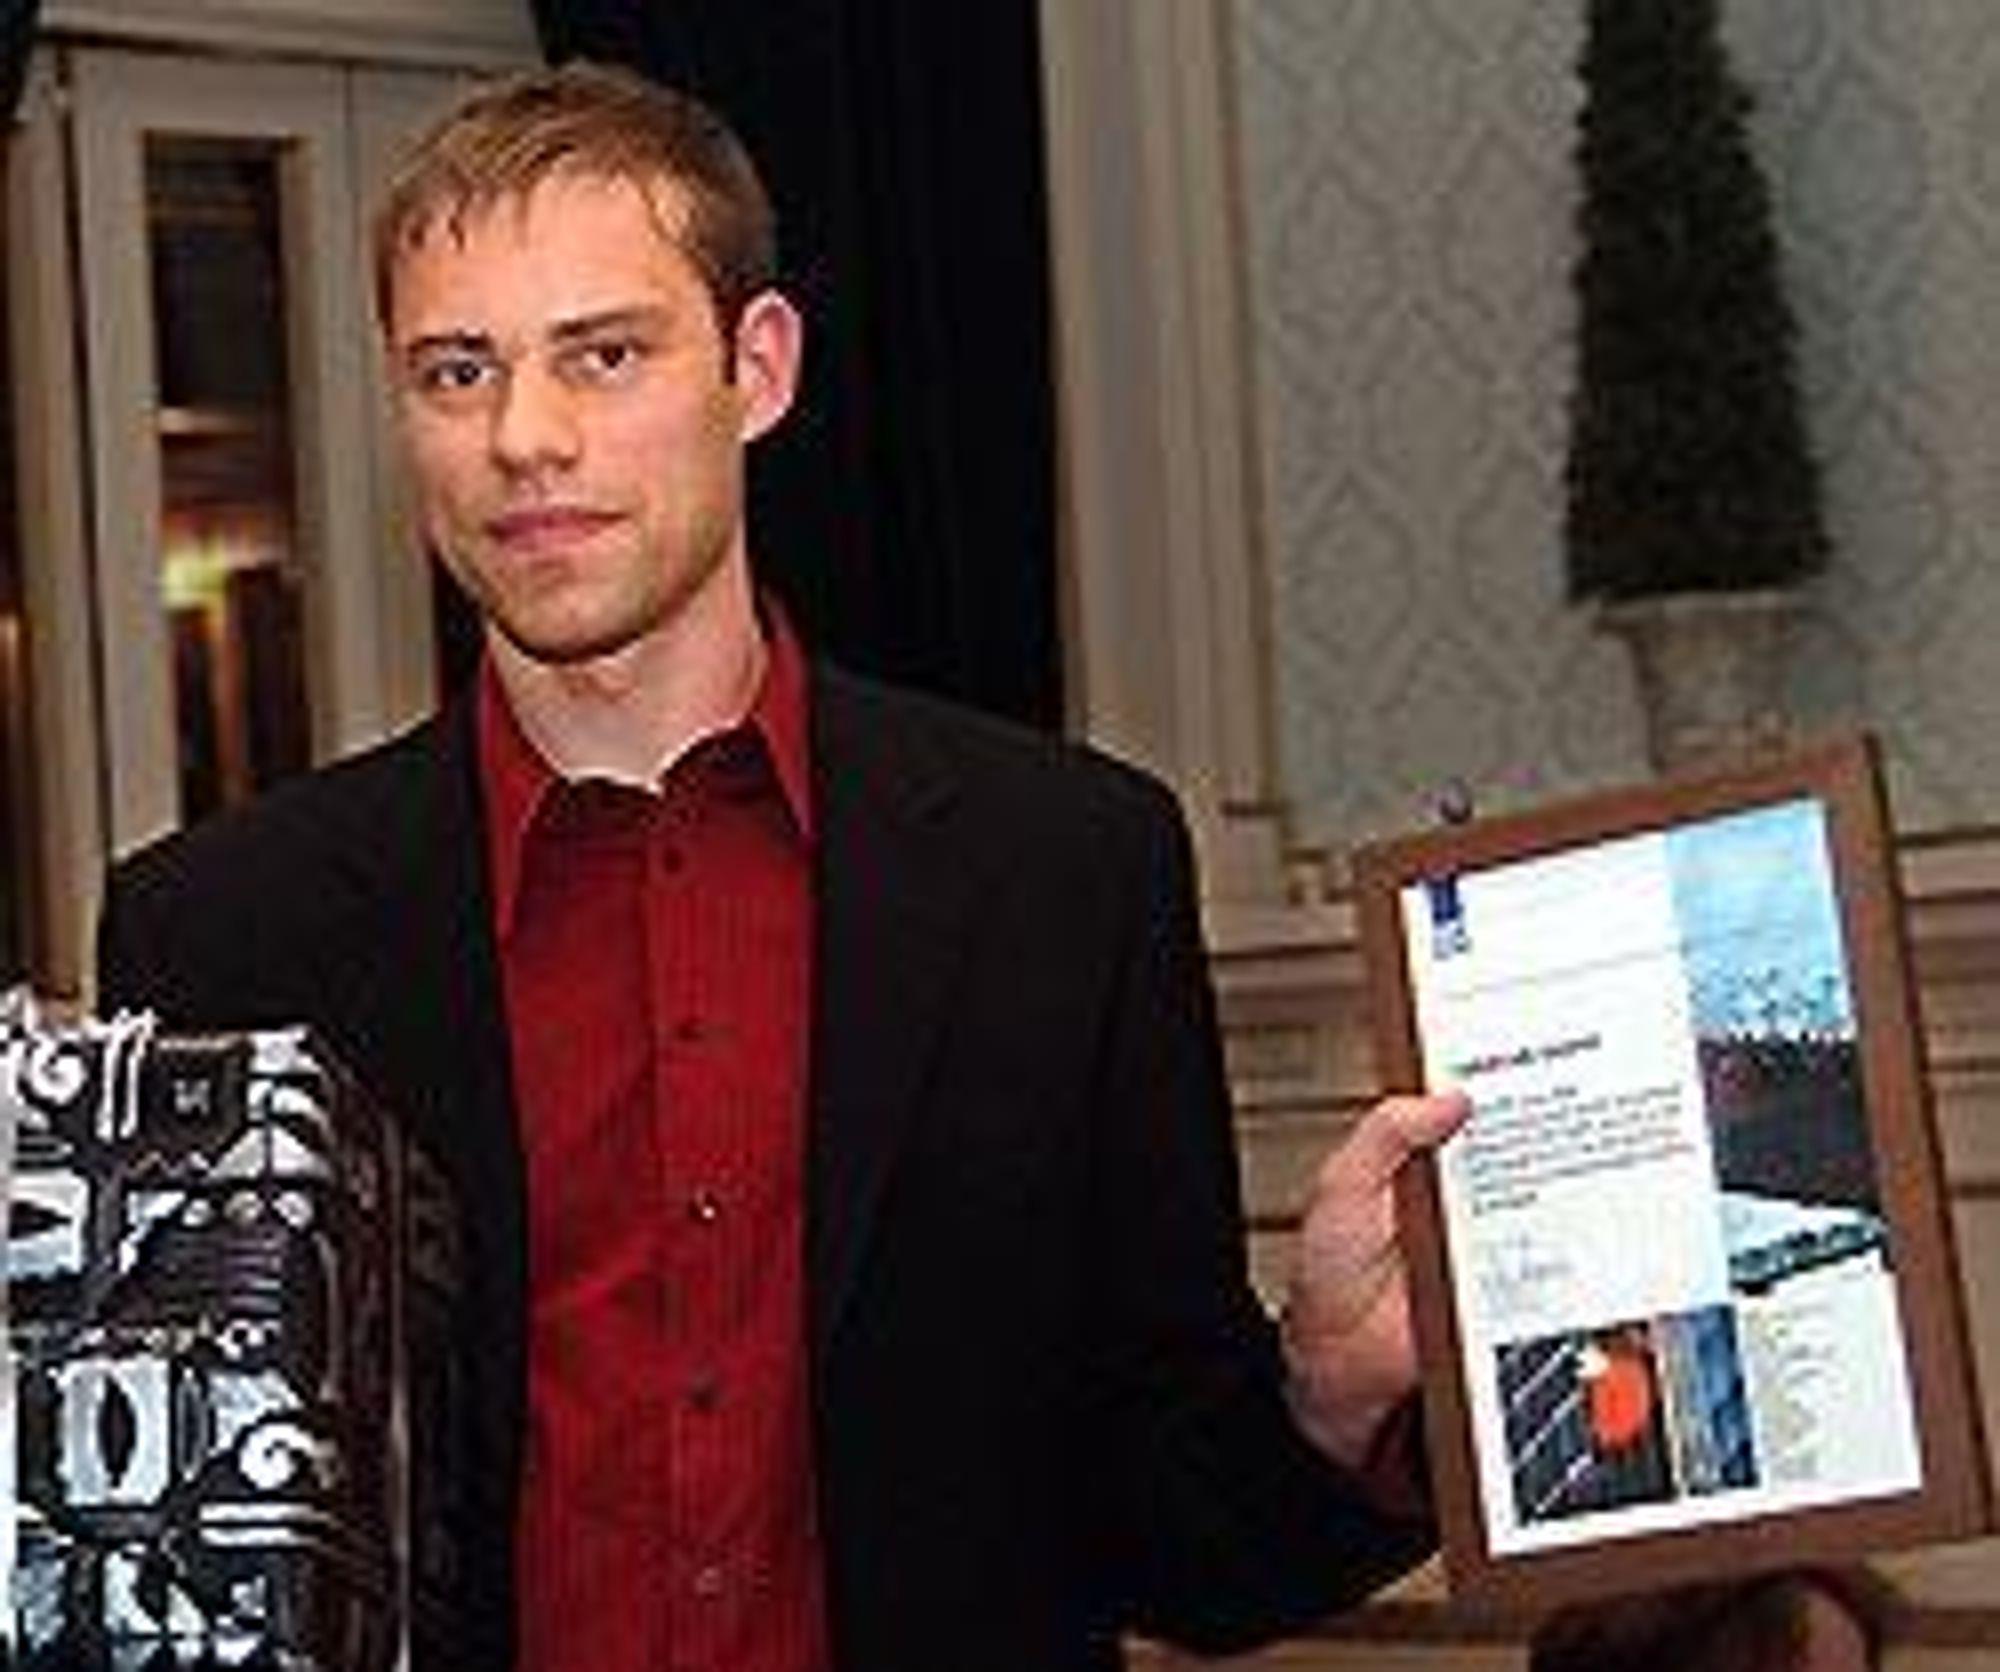 FREMADSTORMENDE: RIF kåret Christian Sageng til årets unge rådgiver. FOTO: RIF